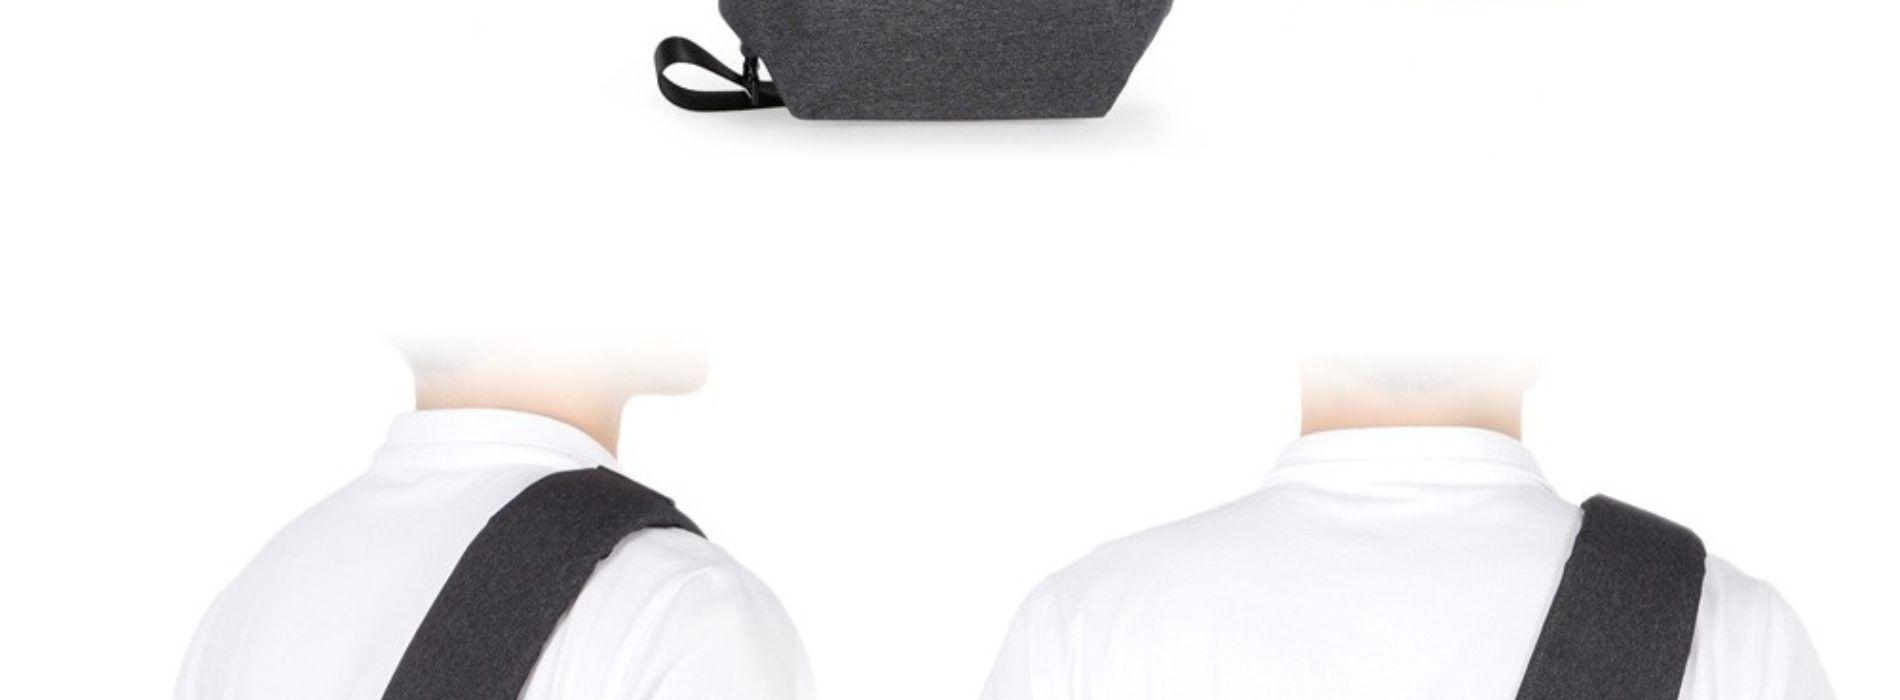 Mochila para portátil Xiaomi Slim Bag a mitad de precio